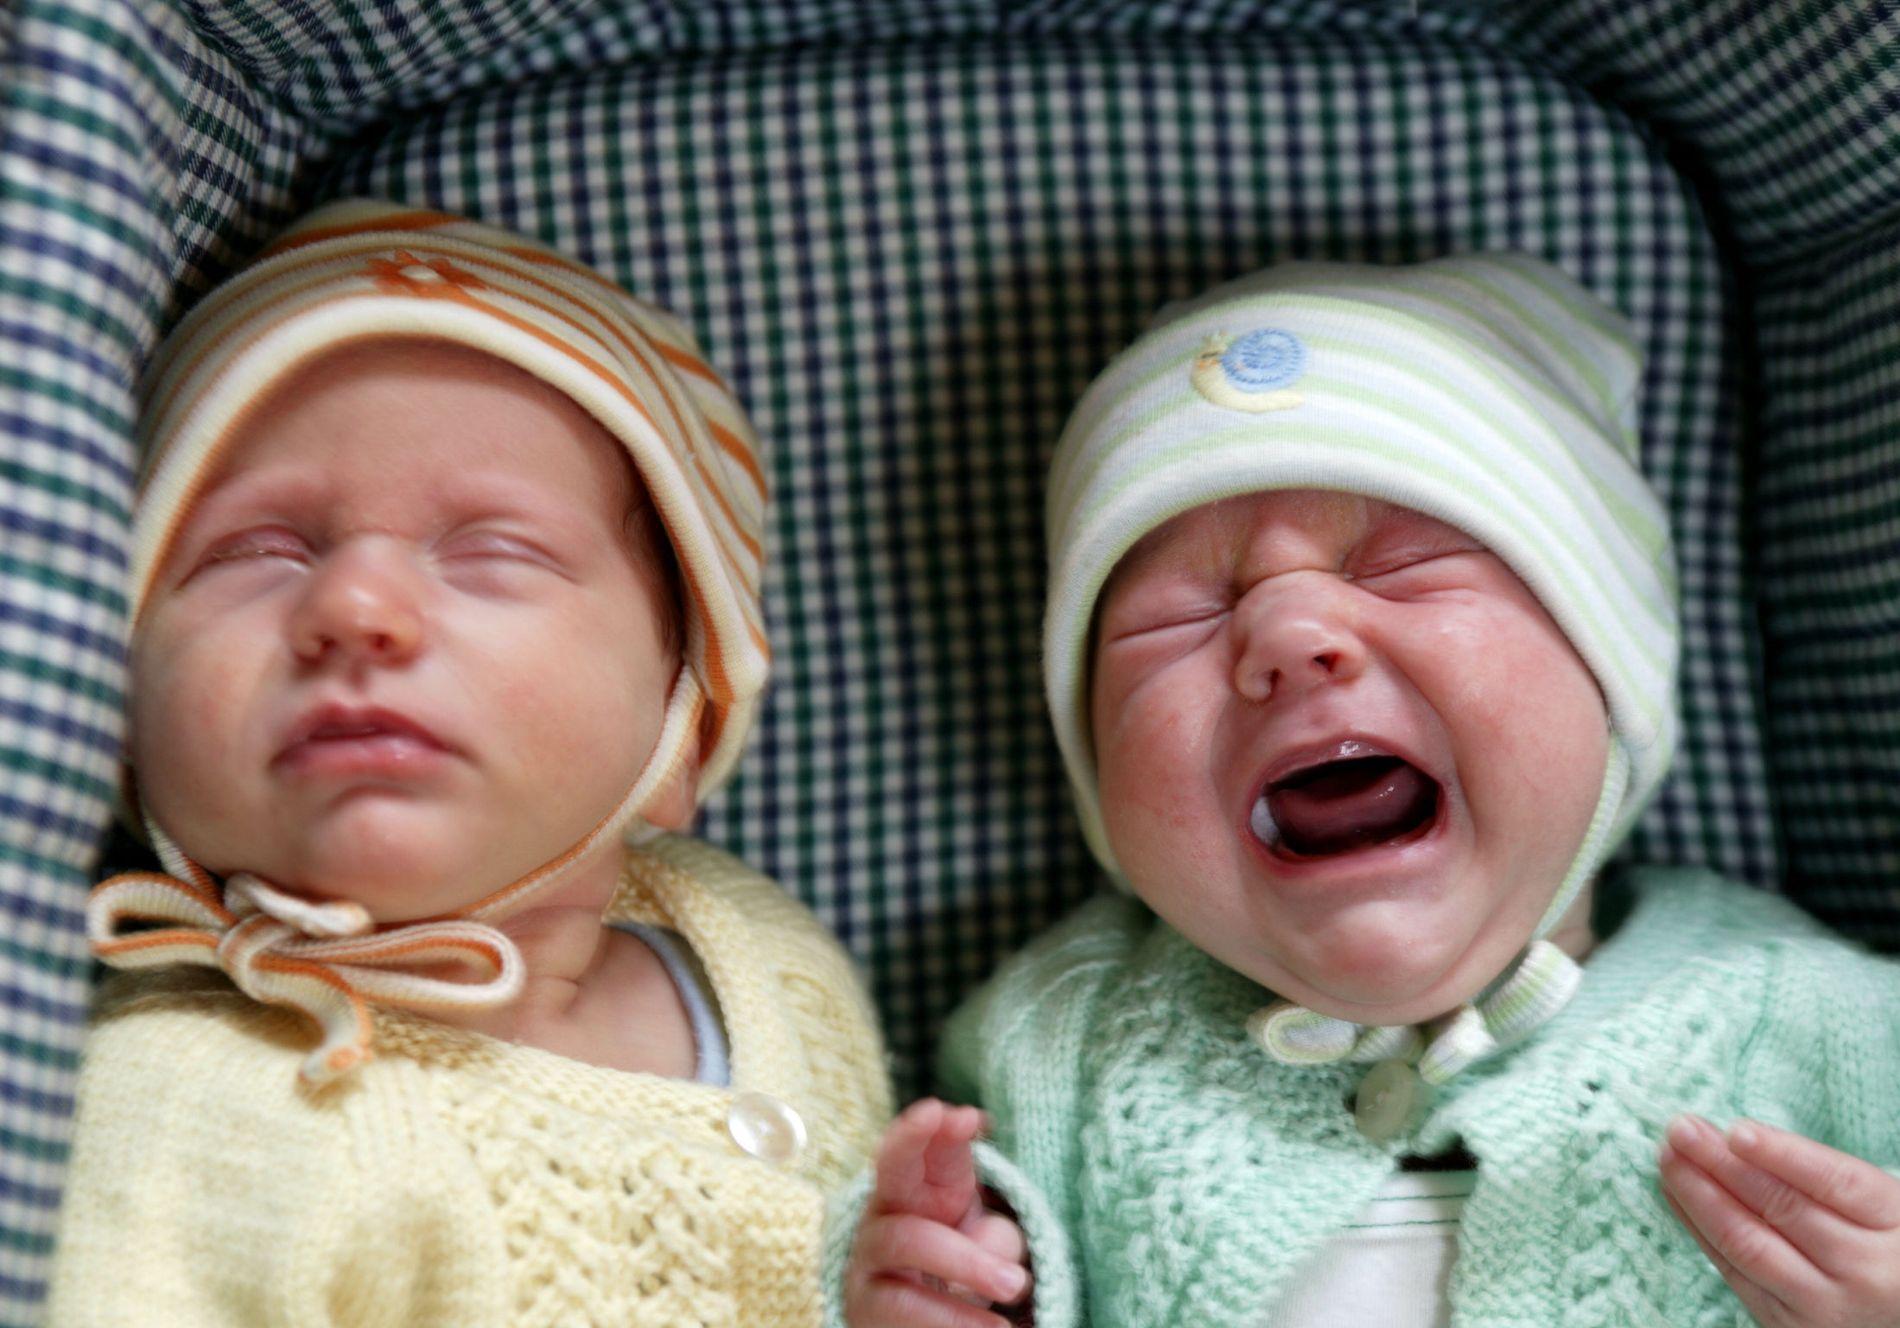 HALVPARTEN SPARER: Man må anta at disse tvillingsøstrene vil likebehandles, enten foreldrene sparer eller bruker barnetrygden.